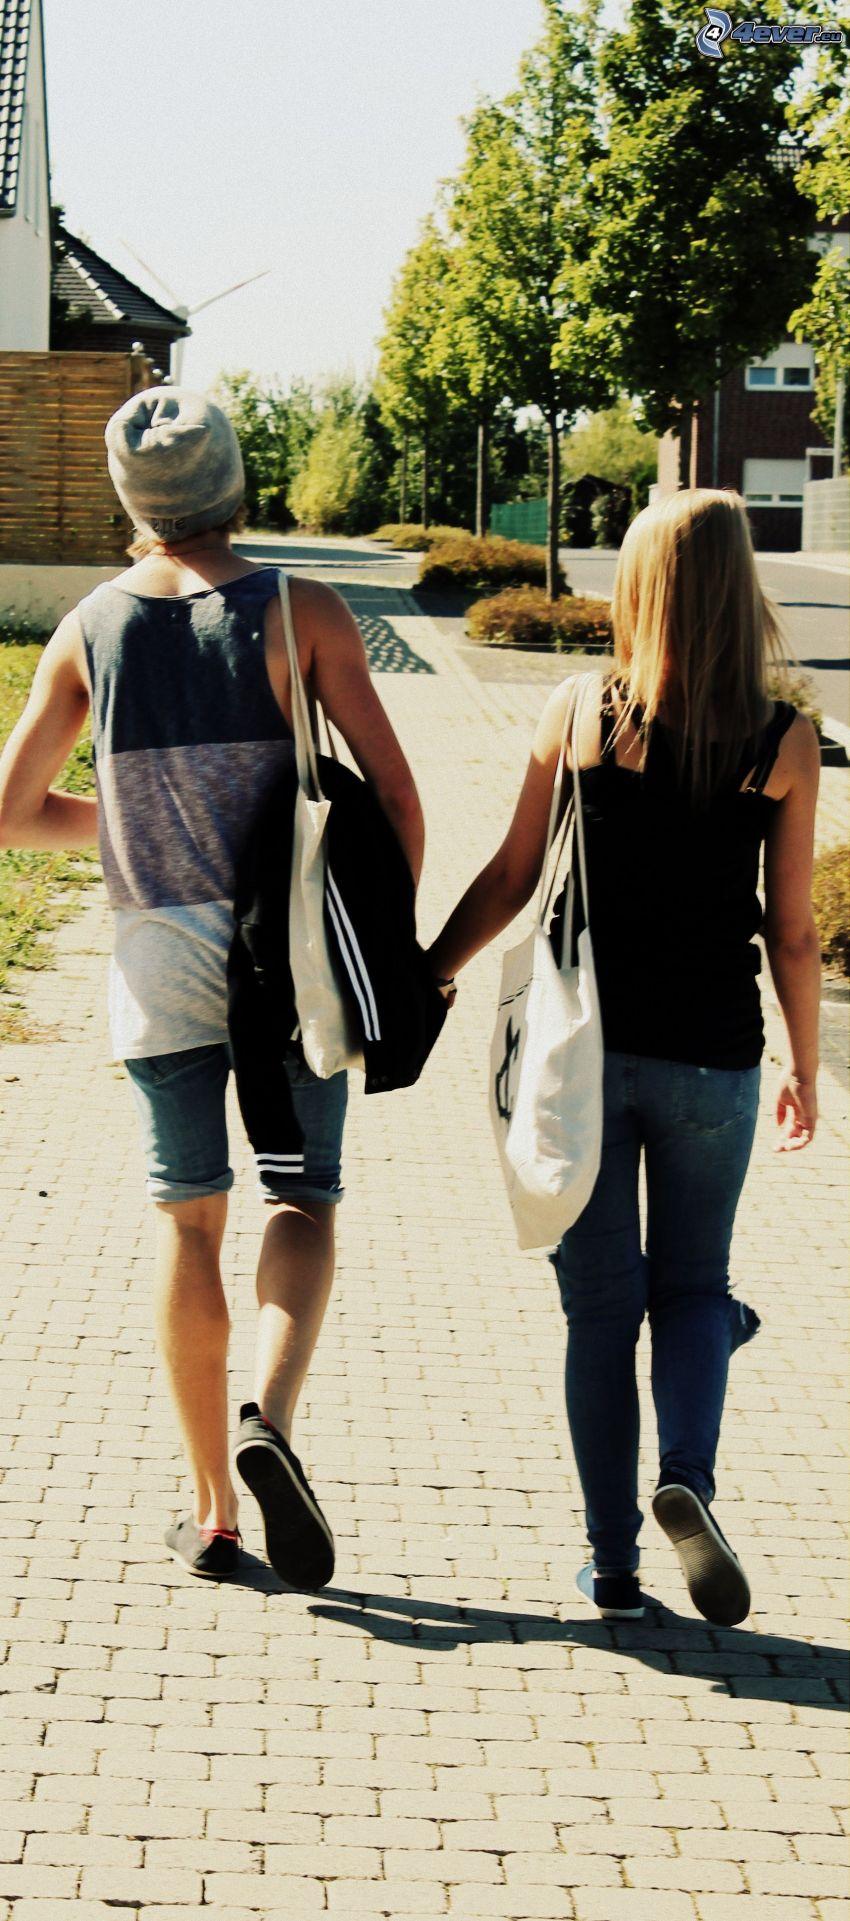 coppia nella città, passeggiata, tenendosi per mano, marciapiede, strada